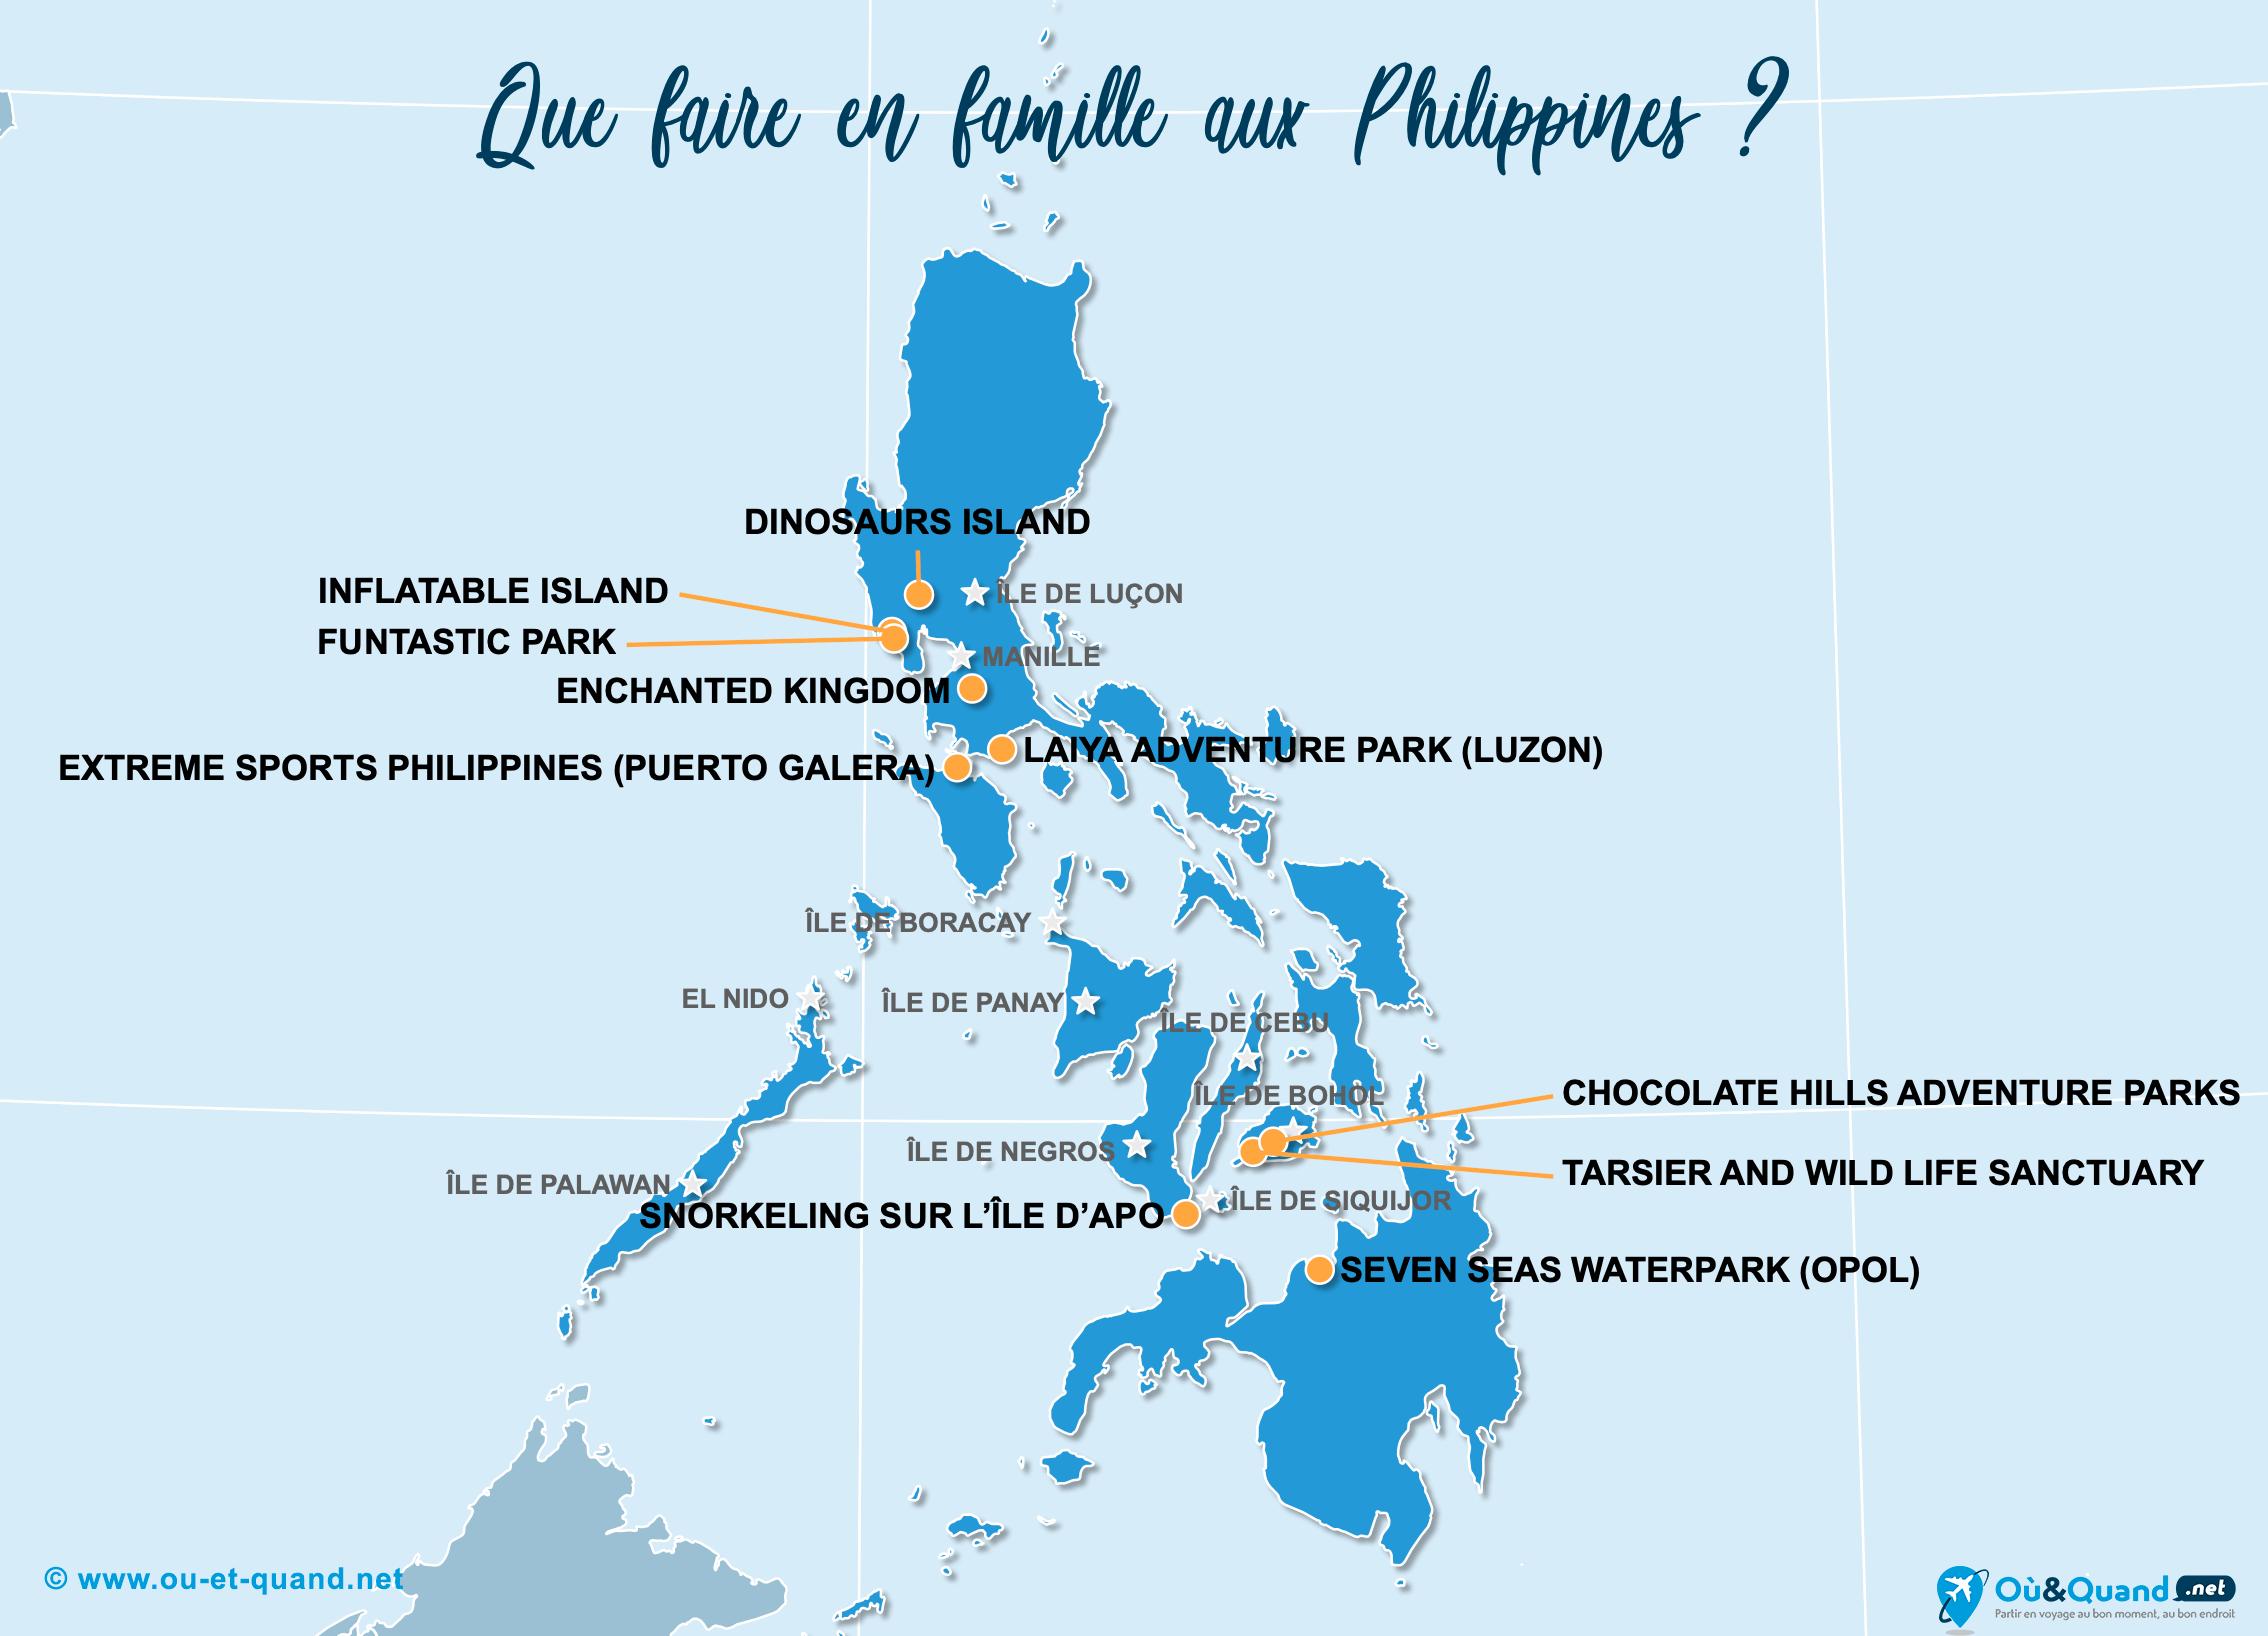 Carte Philippines : Les Philippines en famille